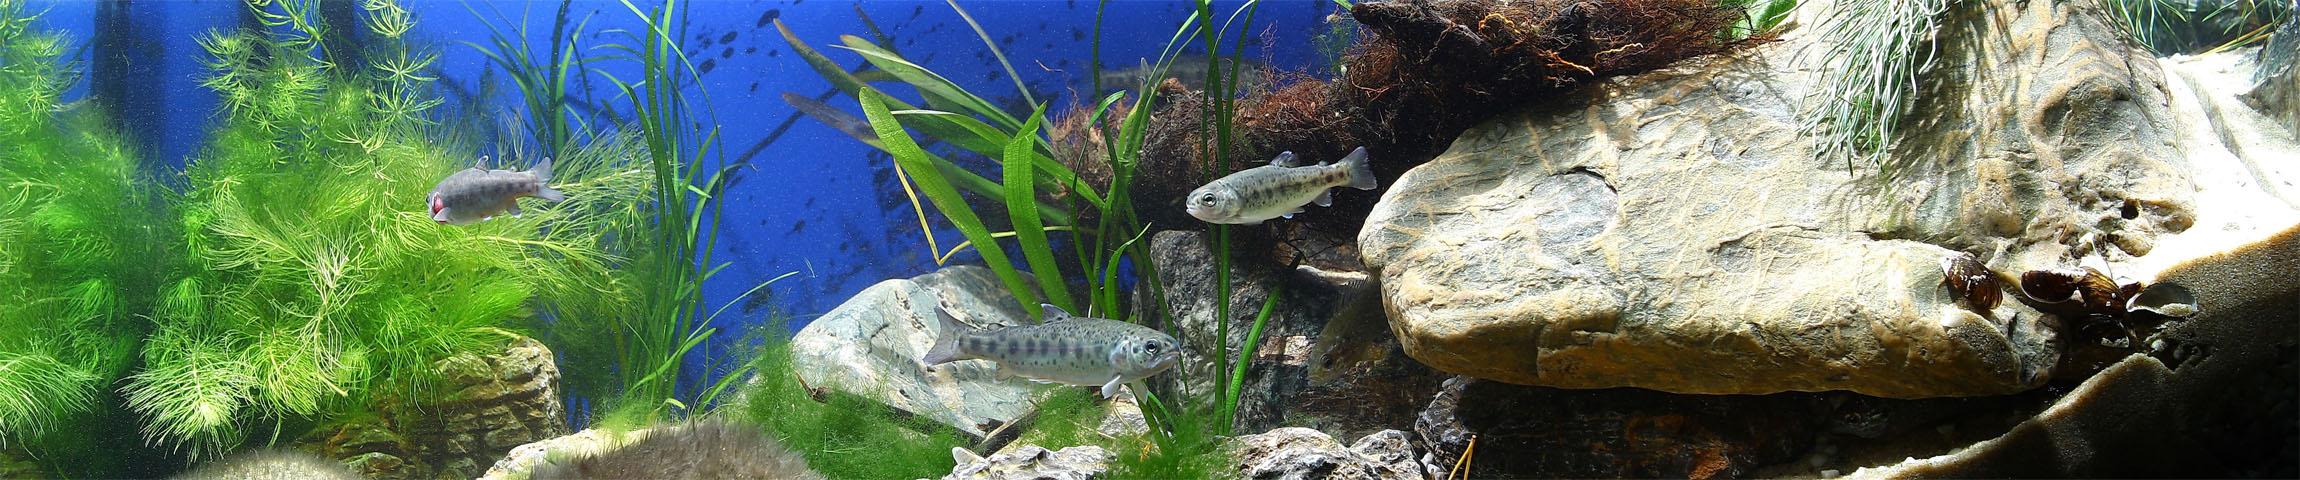 Aquaristik